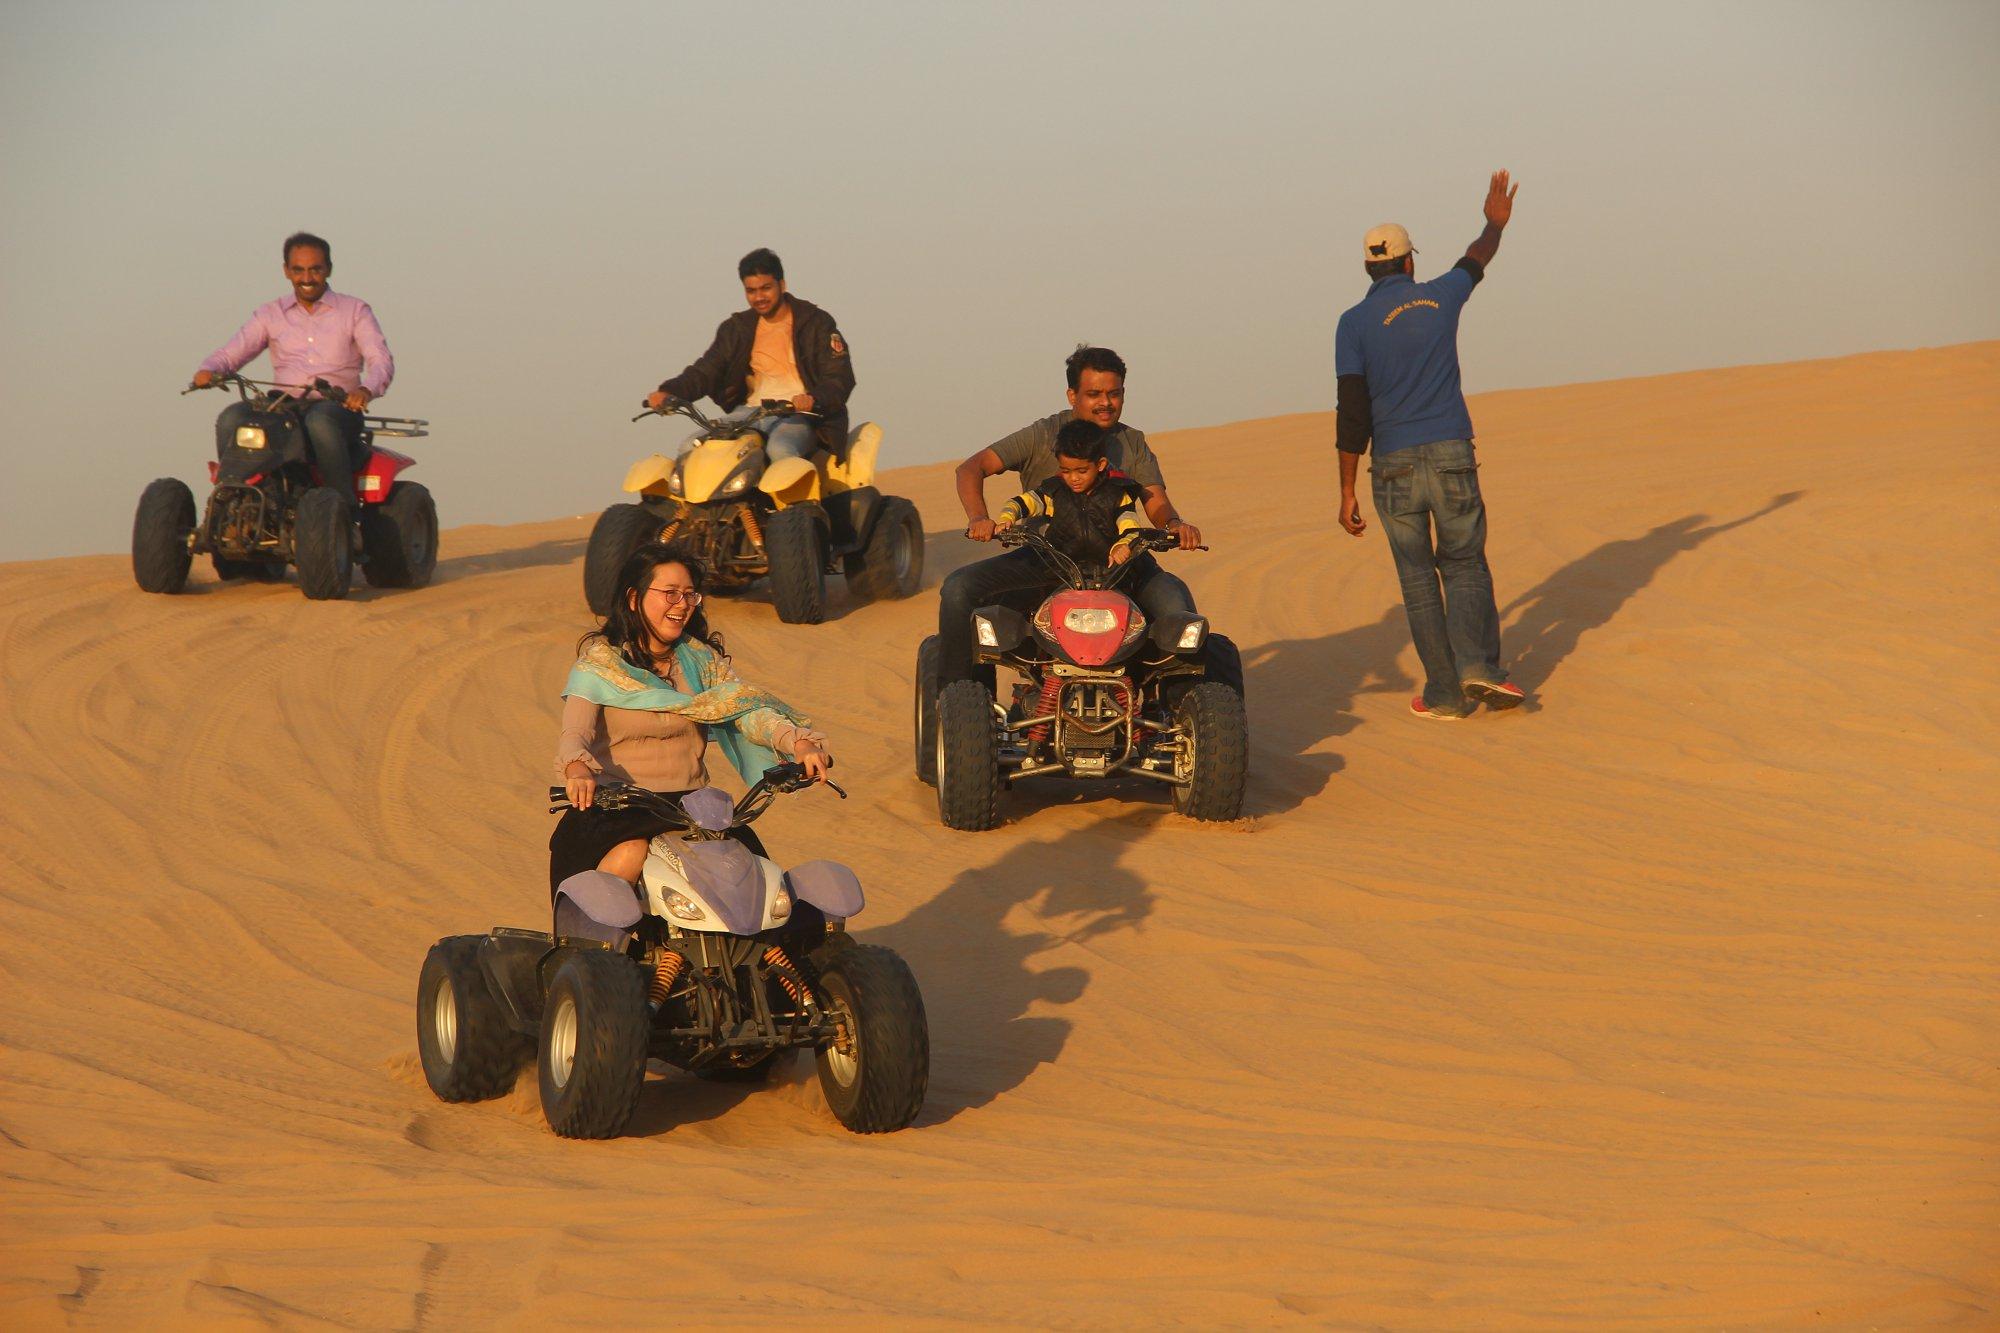 惊险刺激的迪拜沙漠.JPG